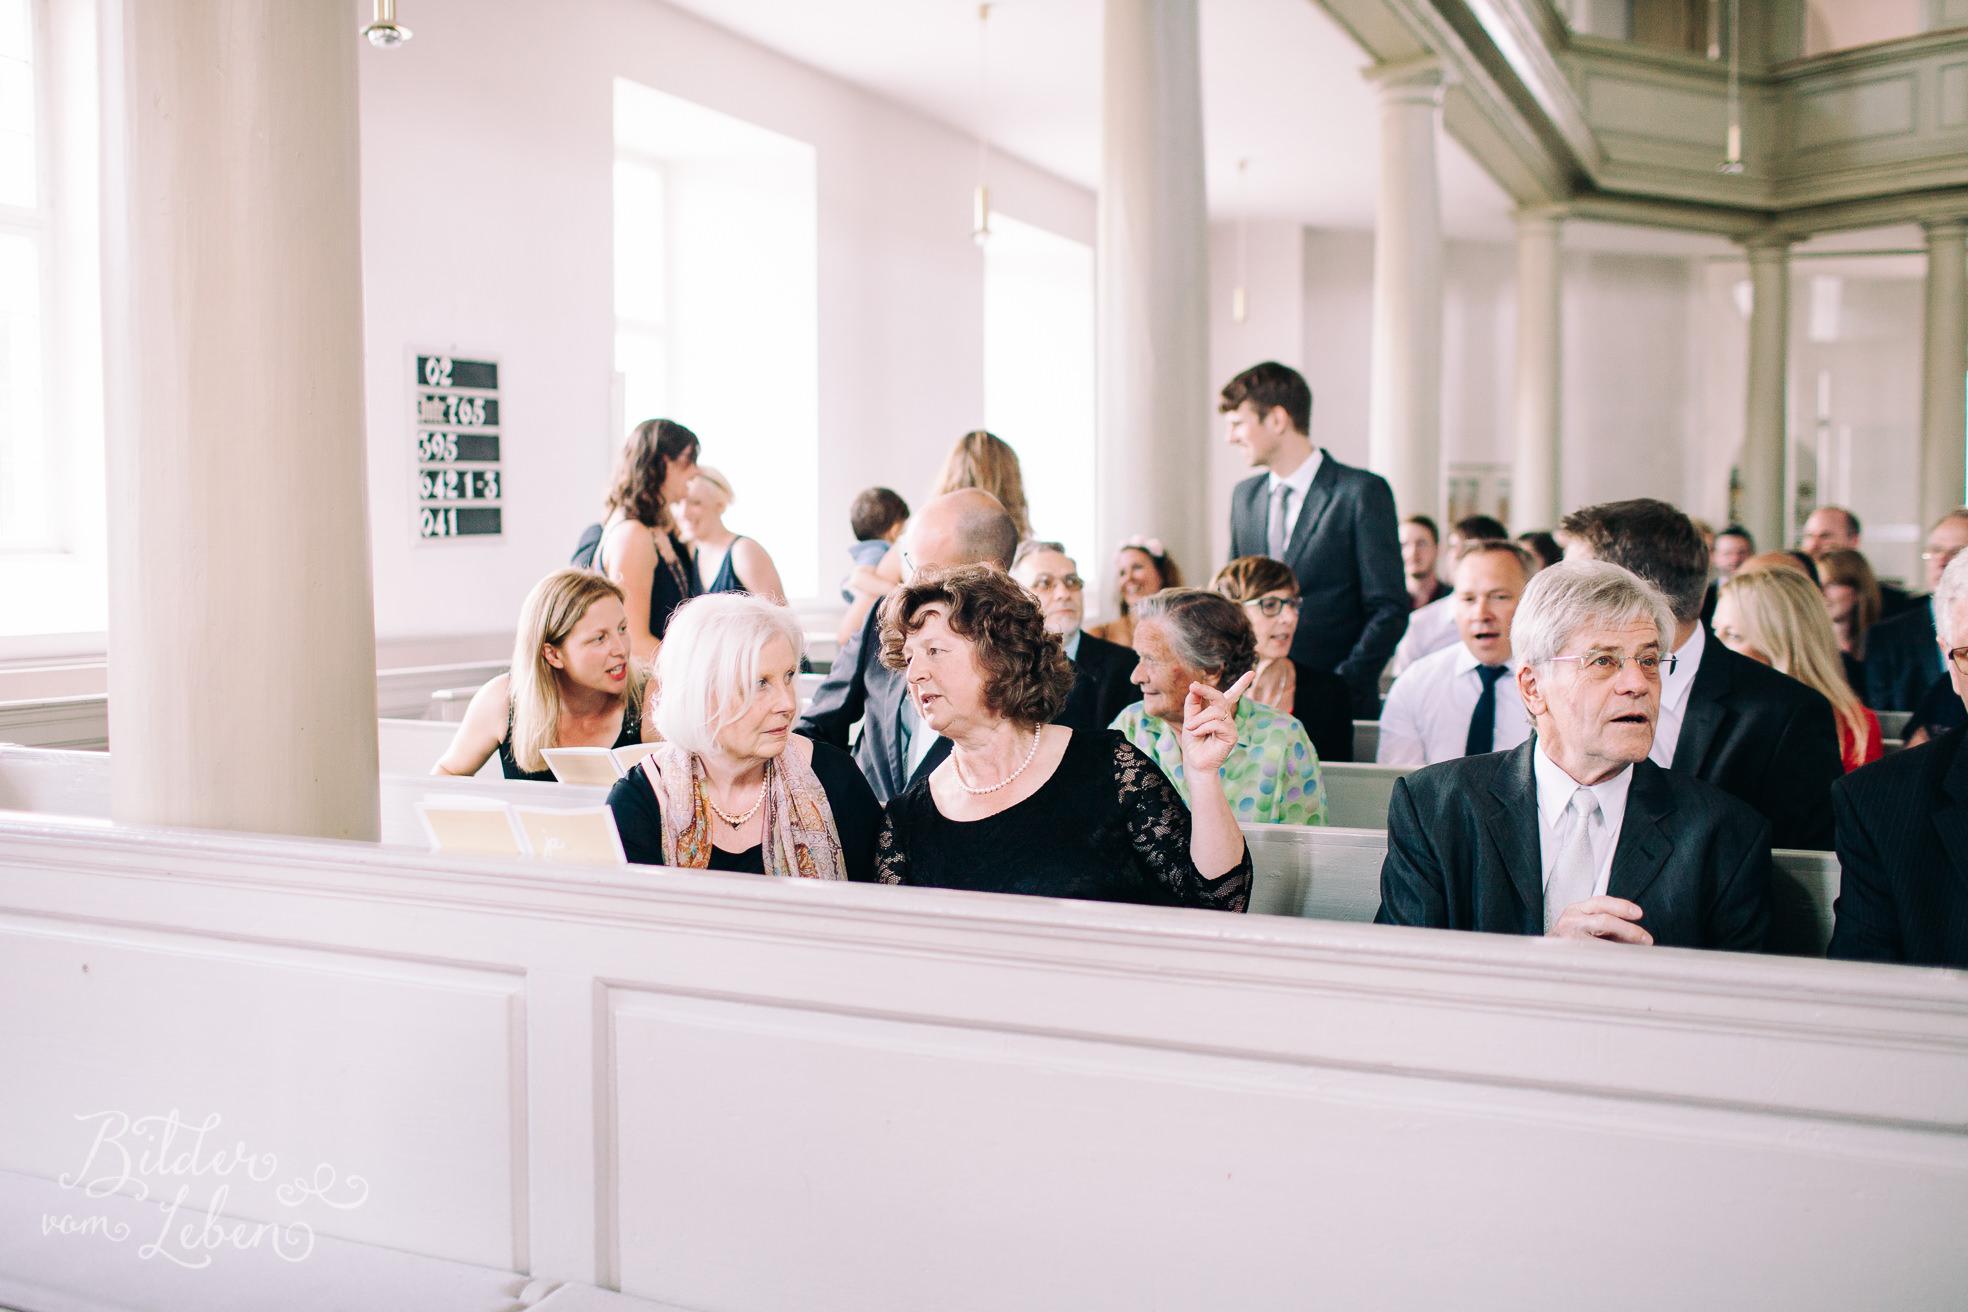 Franzi-Mike-Hochzeitsfotos-Triesdorf-_MG_9230